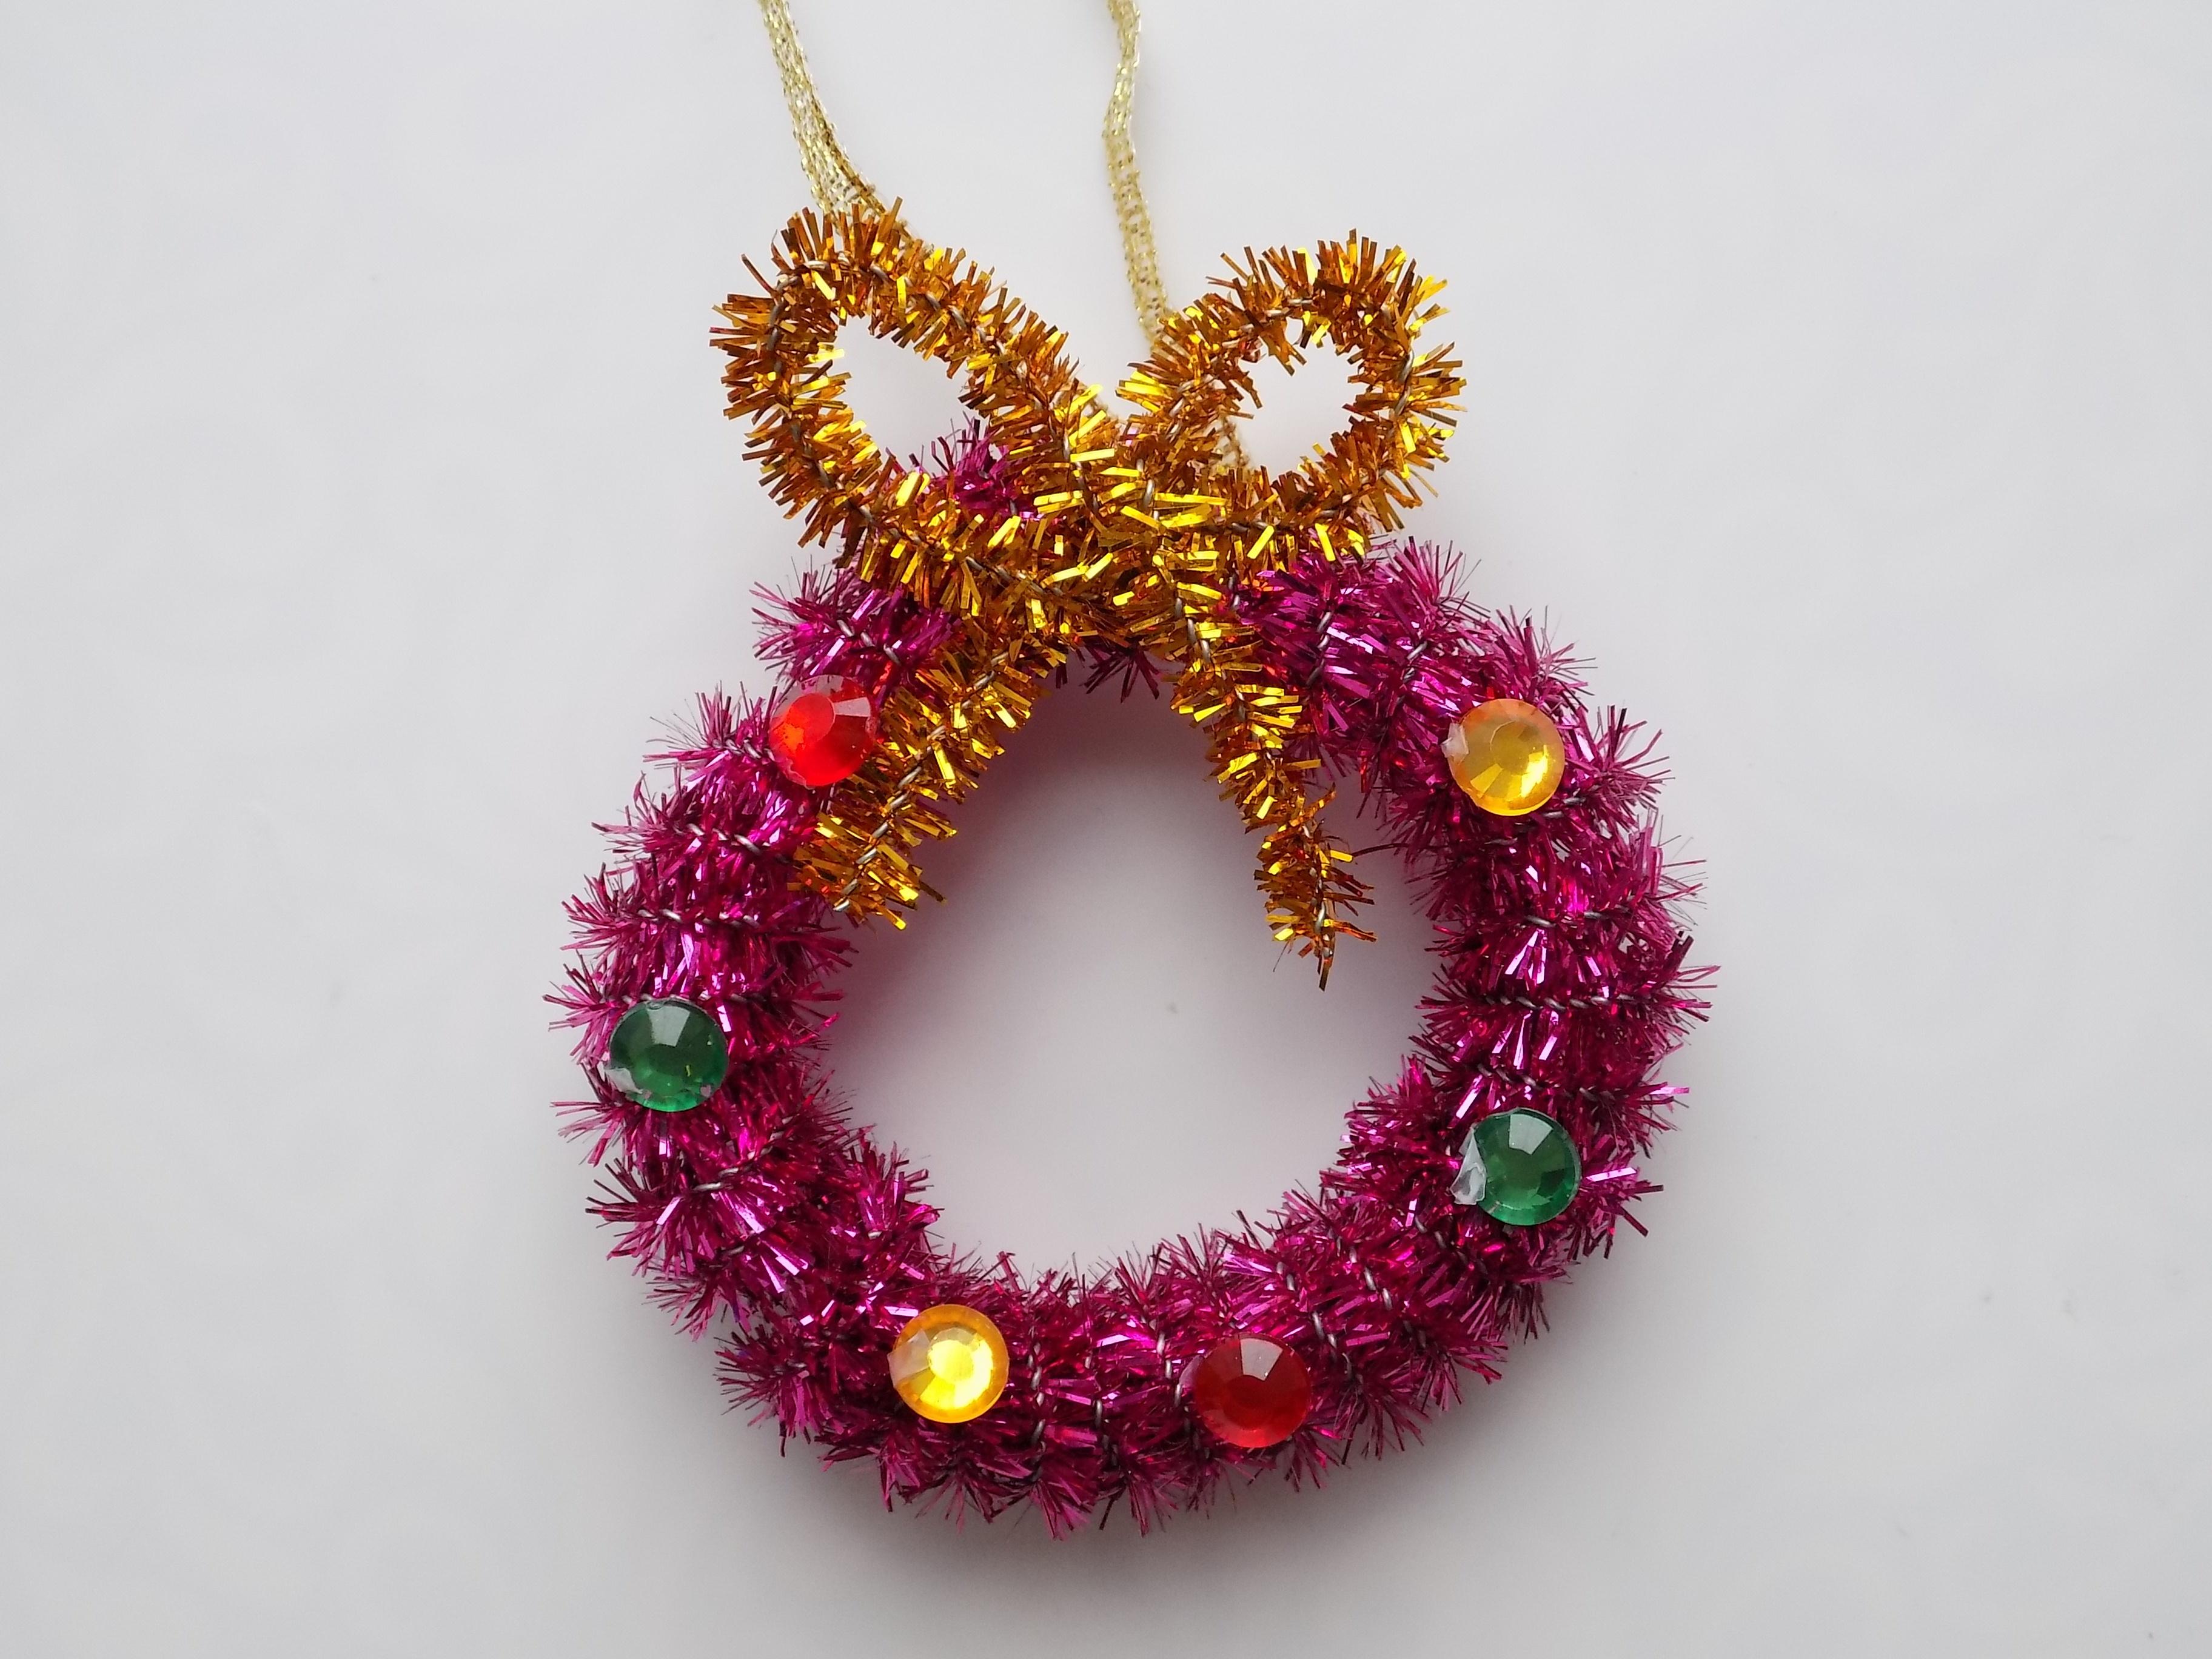 Как сделать новогоднее украшение из синельной проволоки?